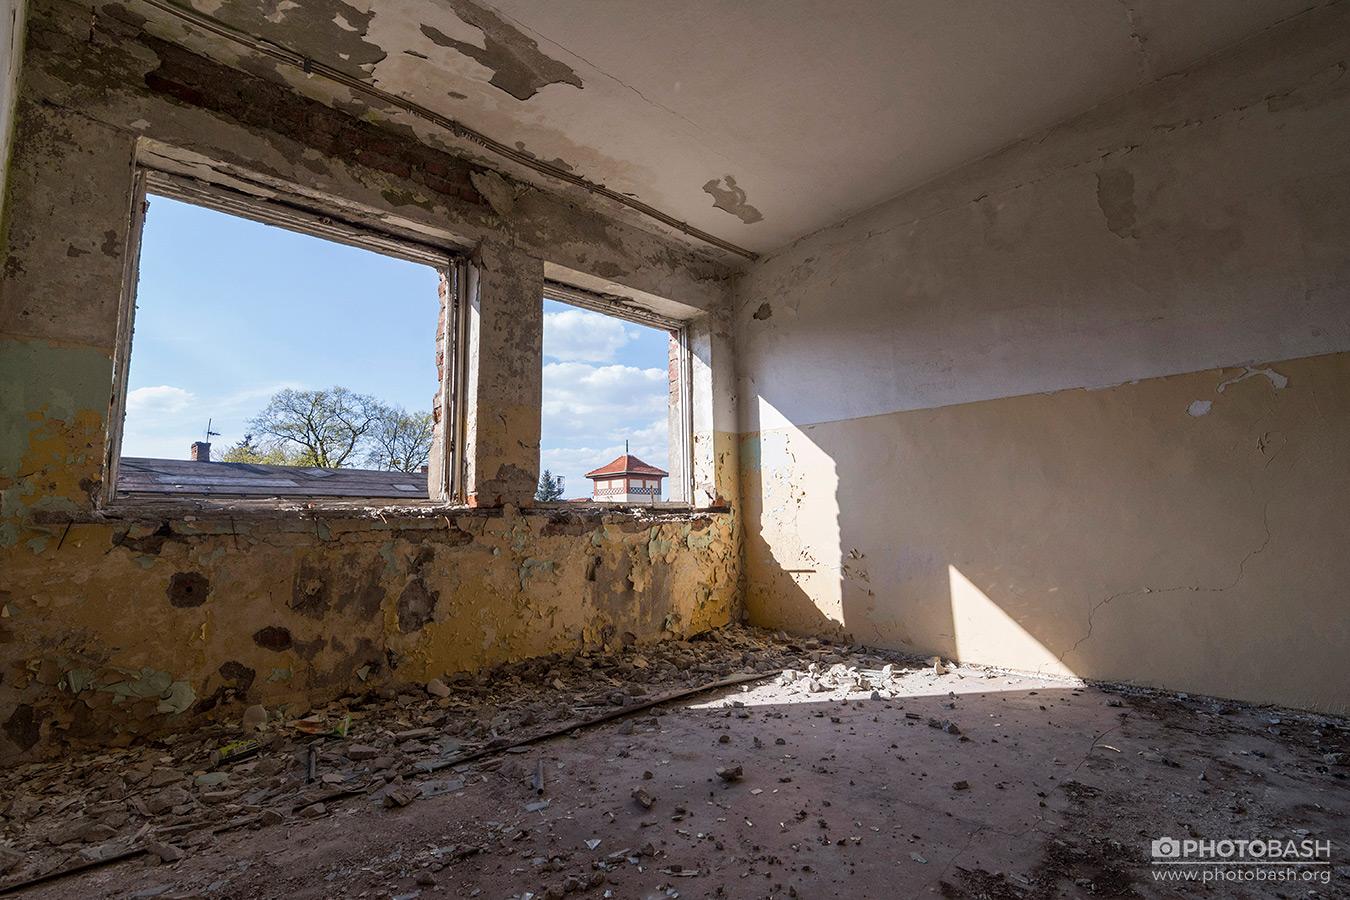 Abandoned-Interiors-Derelict-Room.jpg